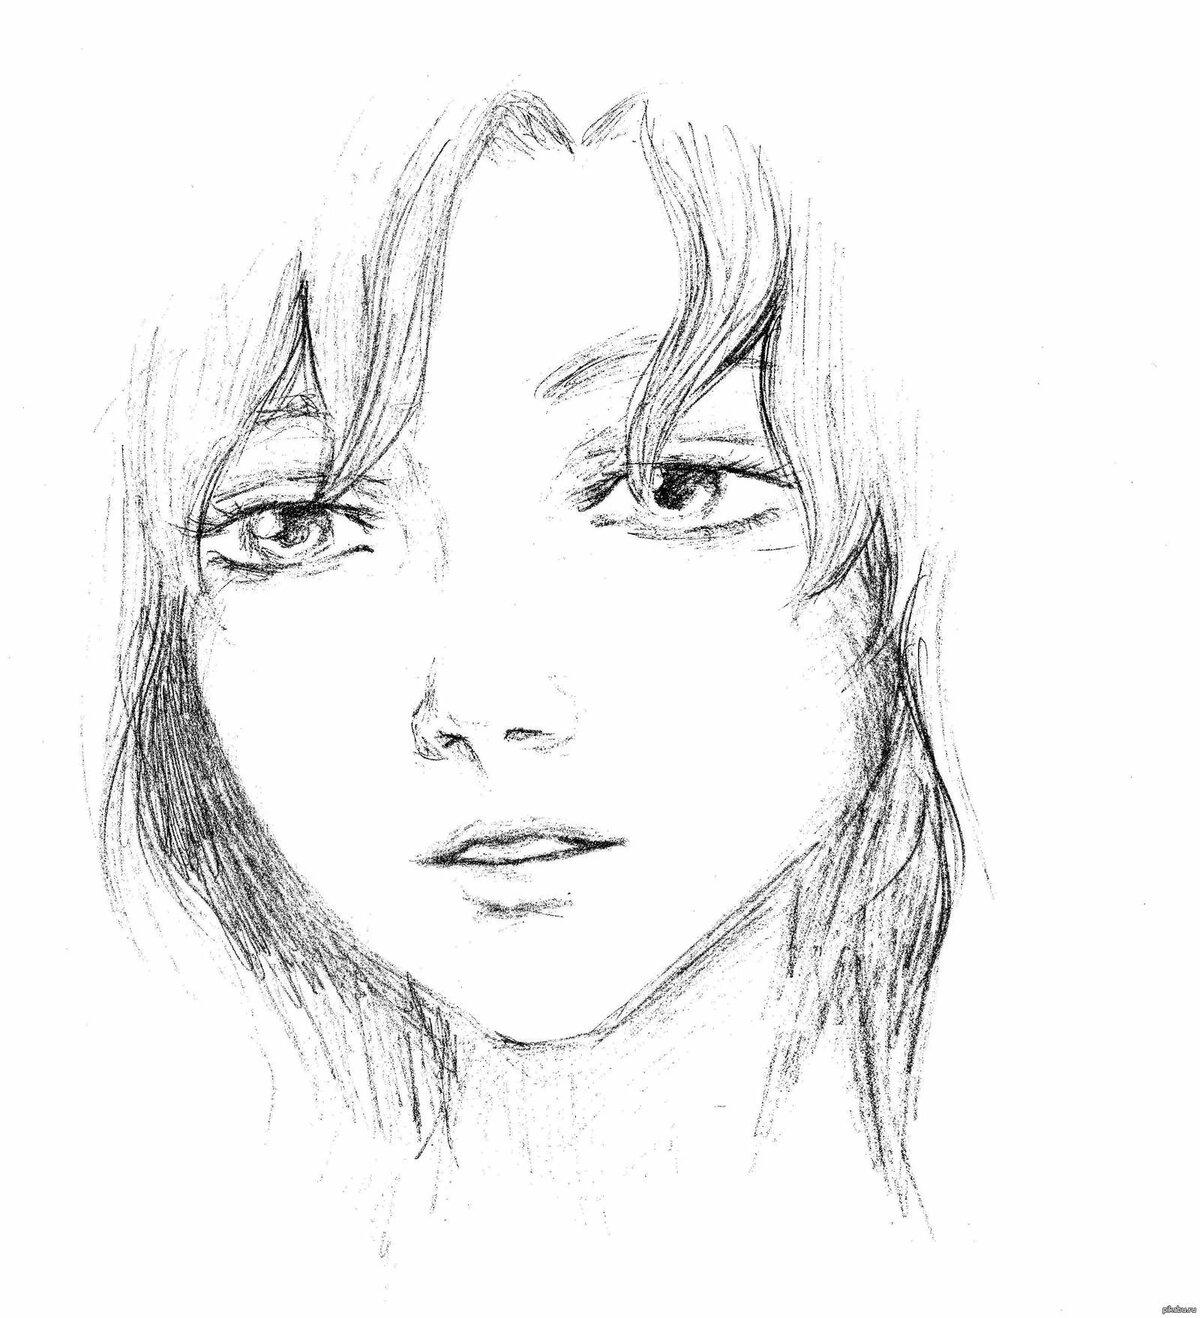 фиалки преимущественно рисунки человека для начинающих карандашом вам нужно